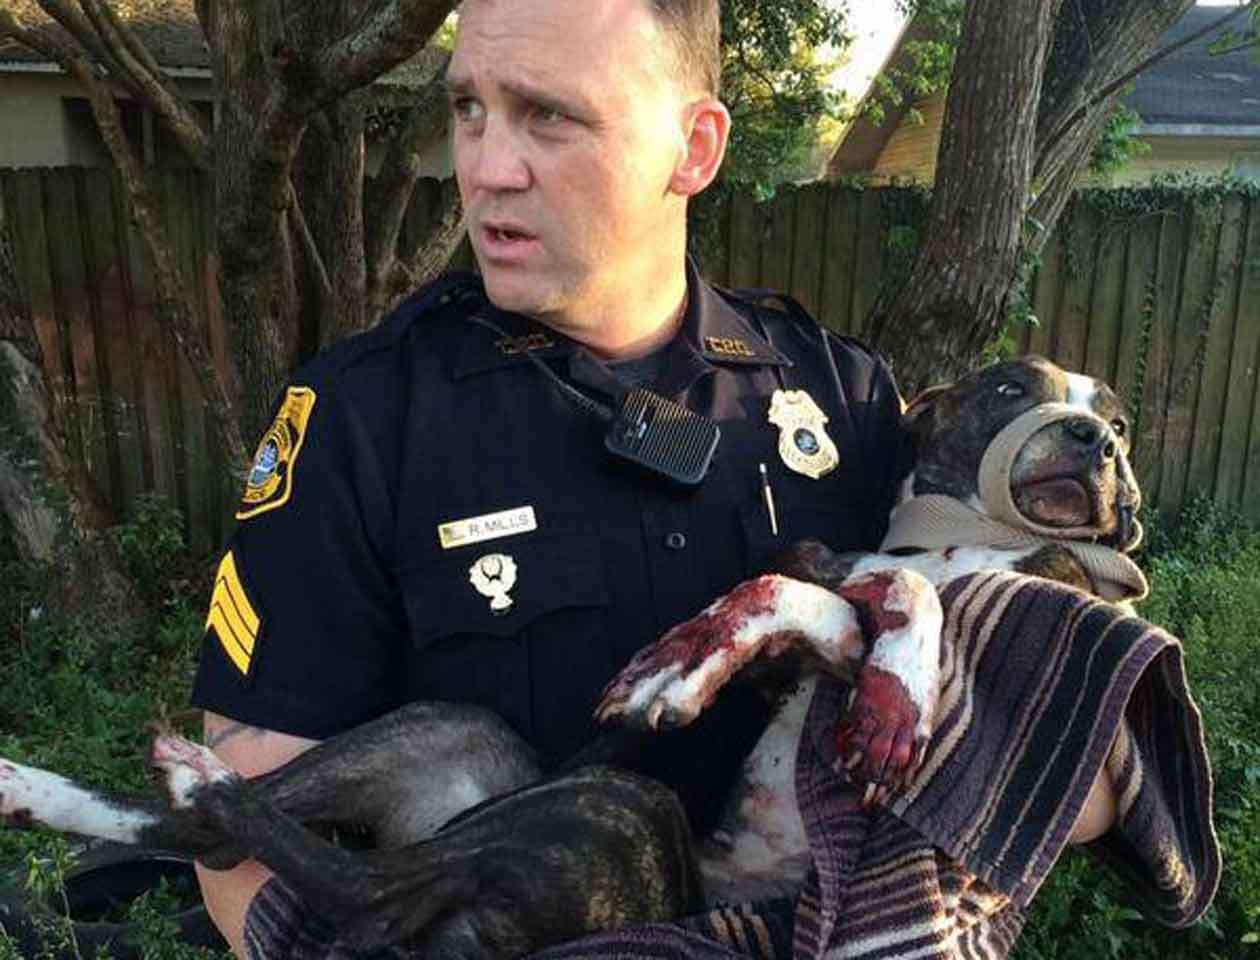 La Policía de Tampa solicitó a la ciudadanía información para hallar a los responsables de este acto brutal. Foto: humanesocietytampa.org